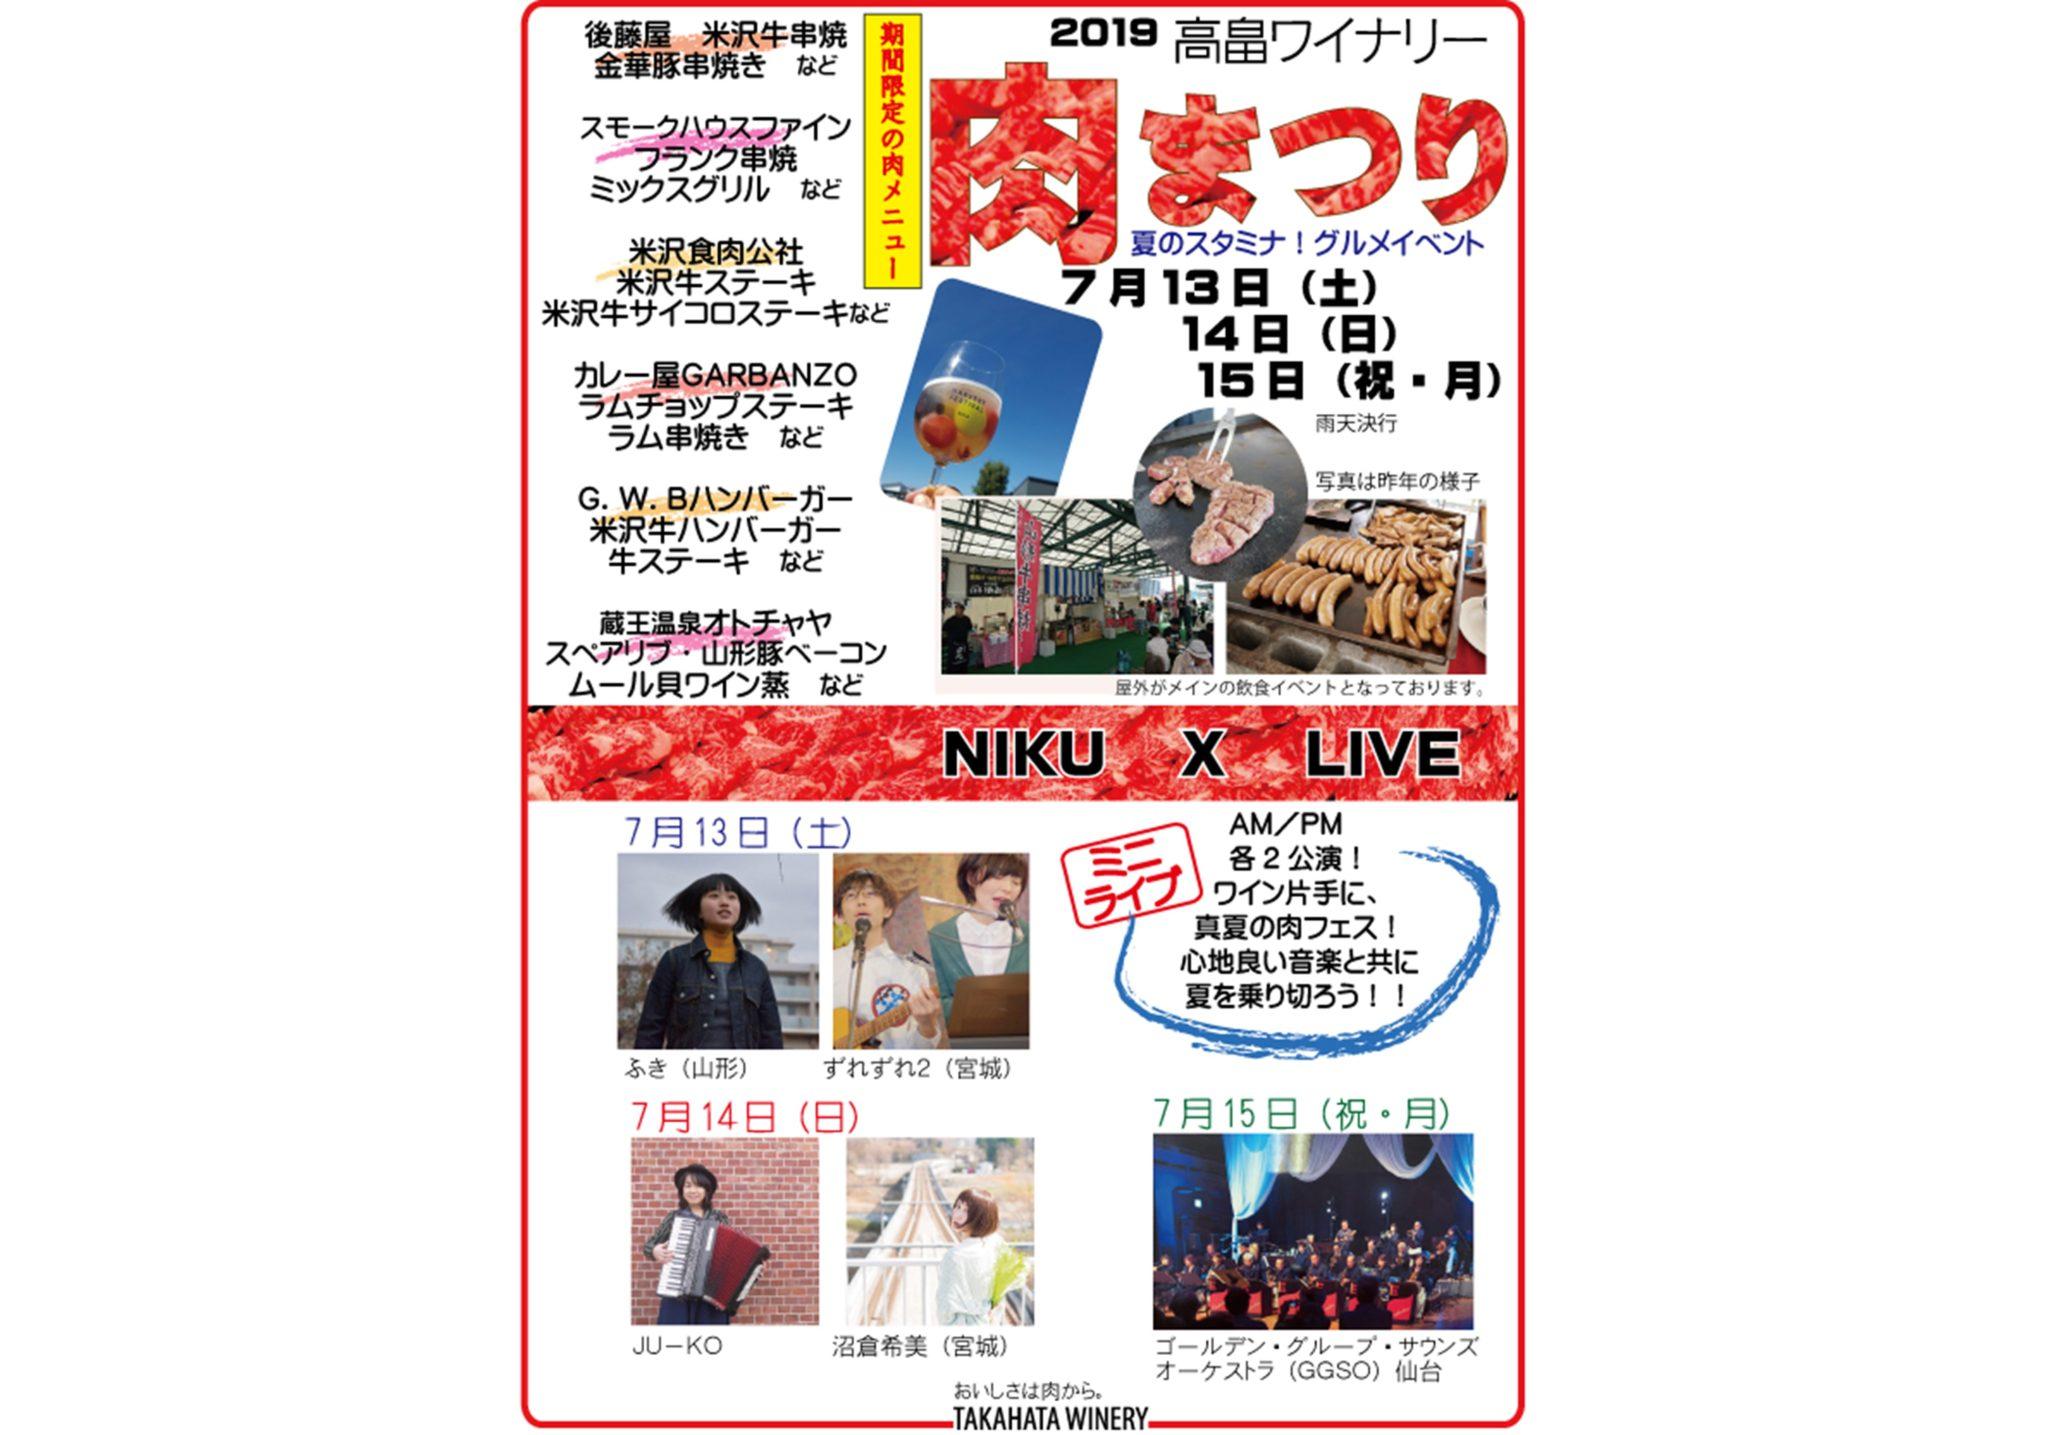 2019 高畠ワイナリー肉祭り